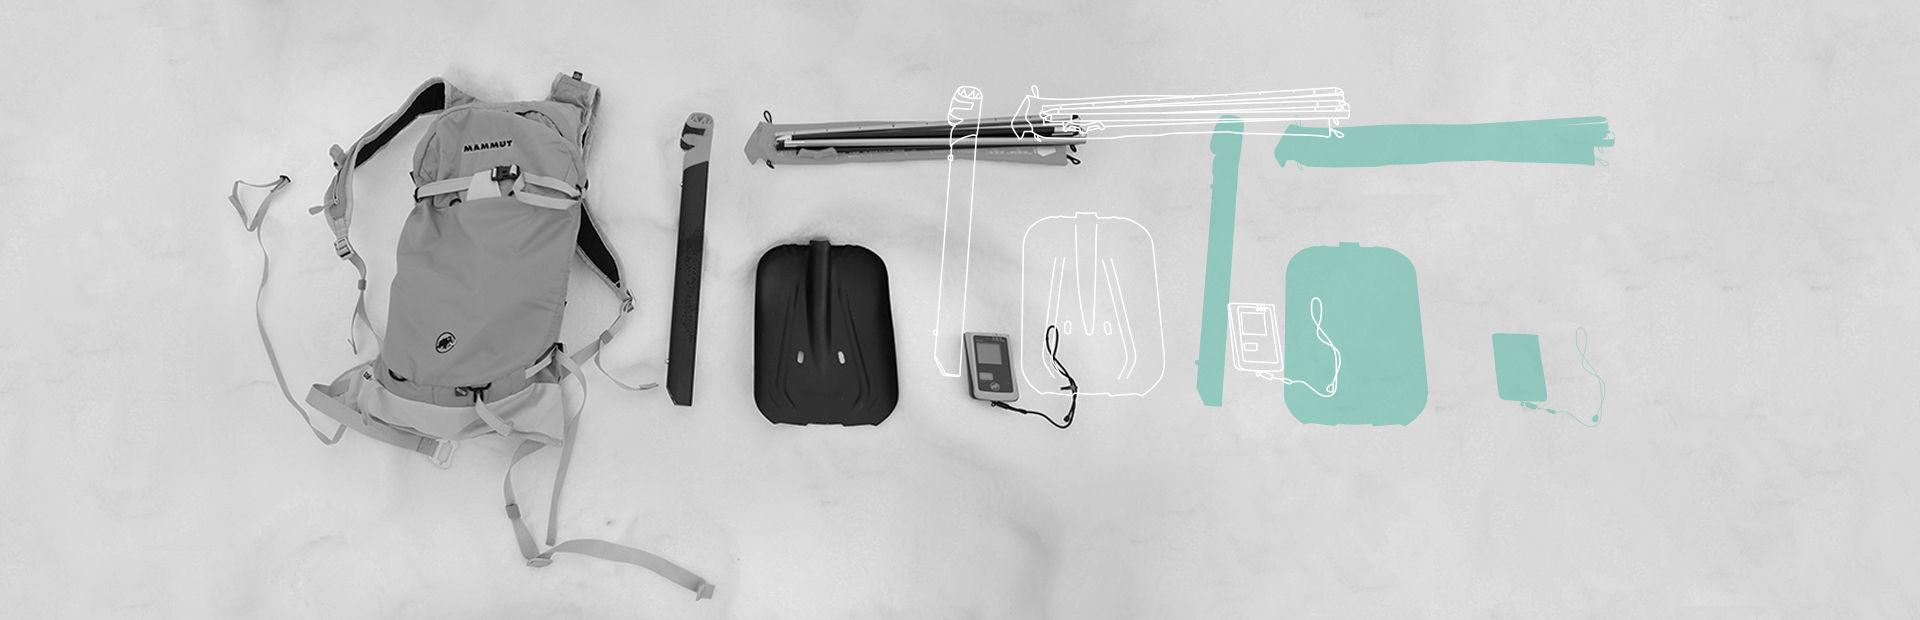 Closeup von einem Lawienenausrüstungs-Set